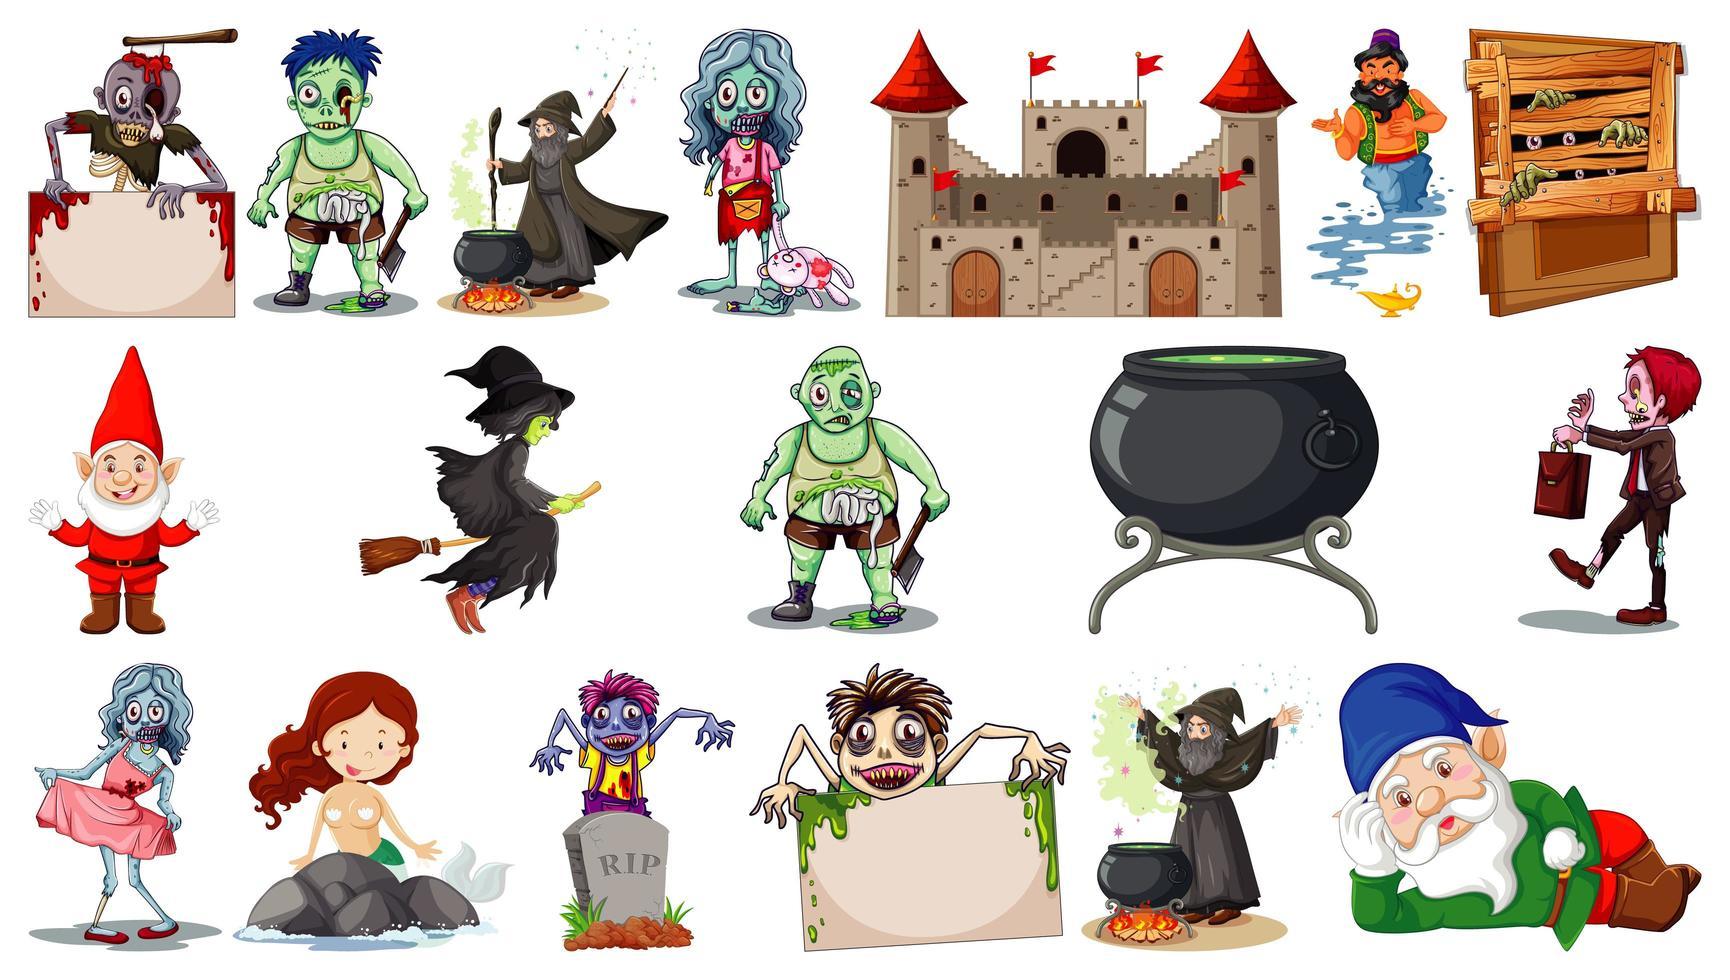 fantasie stripfiguren en fantasie thema geïsoleerd op een witte achtergrond vector